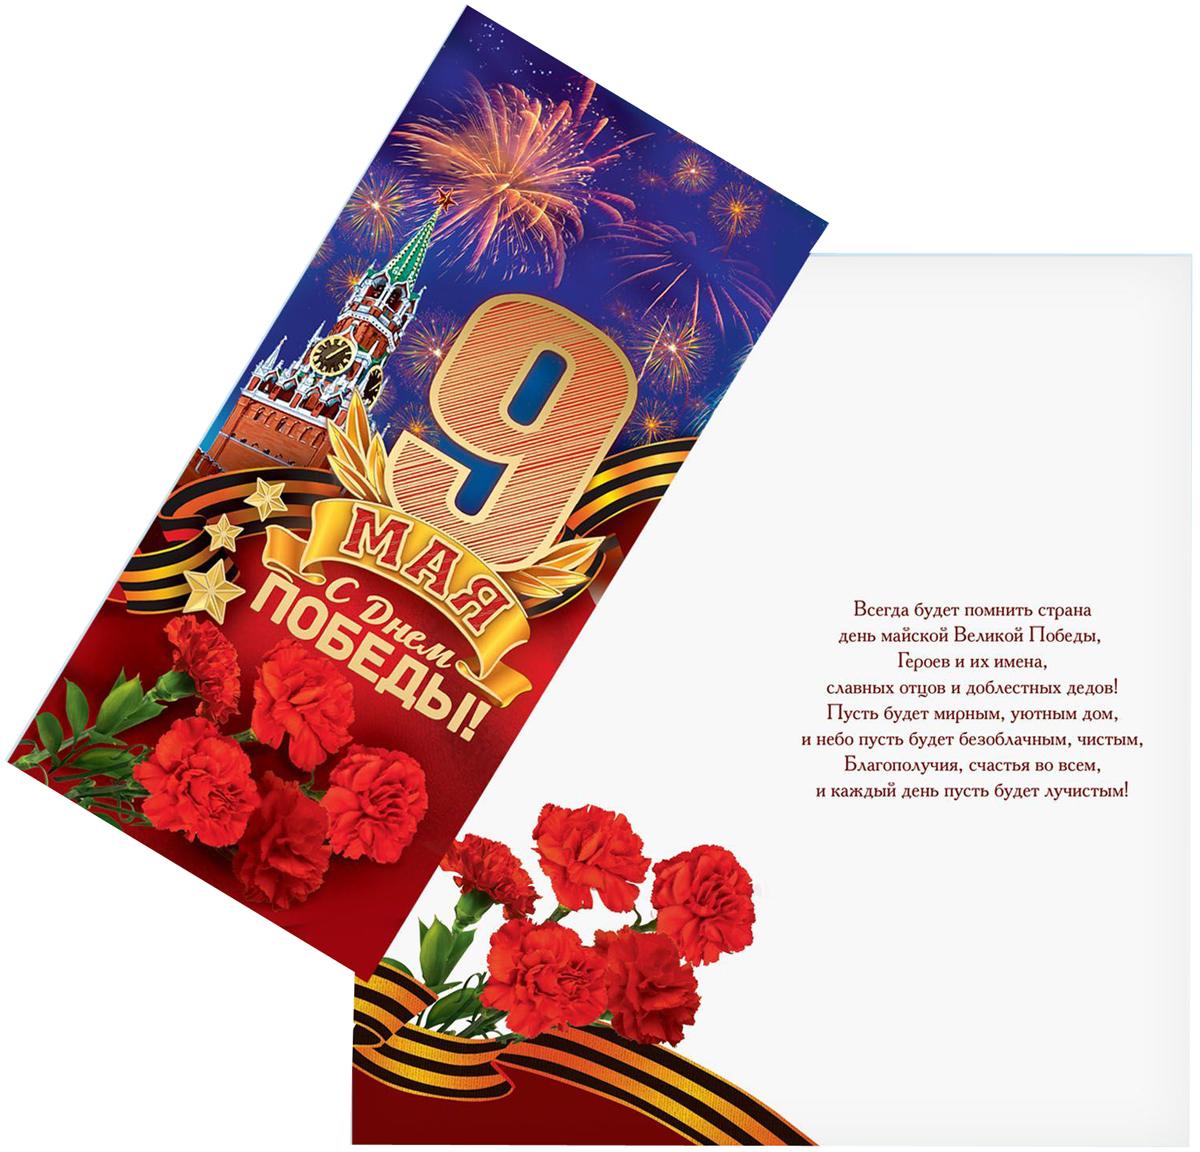 Открытка Дарите cчастье С Днем Победы! Кремль2109602Выразить свои чувства и дополнить основной подарок тёплыми словами вам поможет поздравительная открытка. С ней ваше пожелание «Счастья, любви и здоровья» приобретёт трепетный и душевный подтекст. А воспоминания о праздничном дне ещё долго будут радовать адресата.